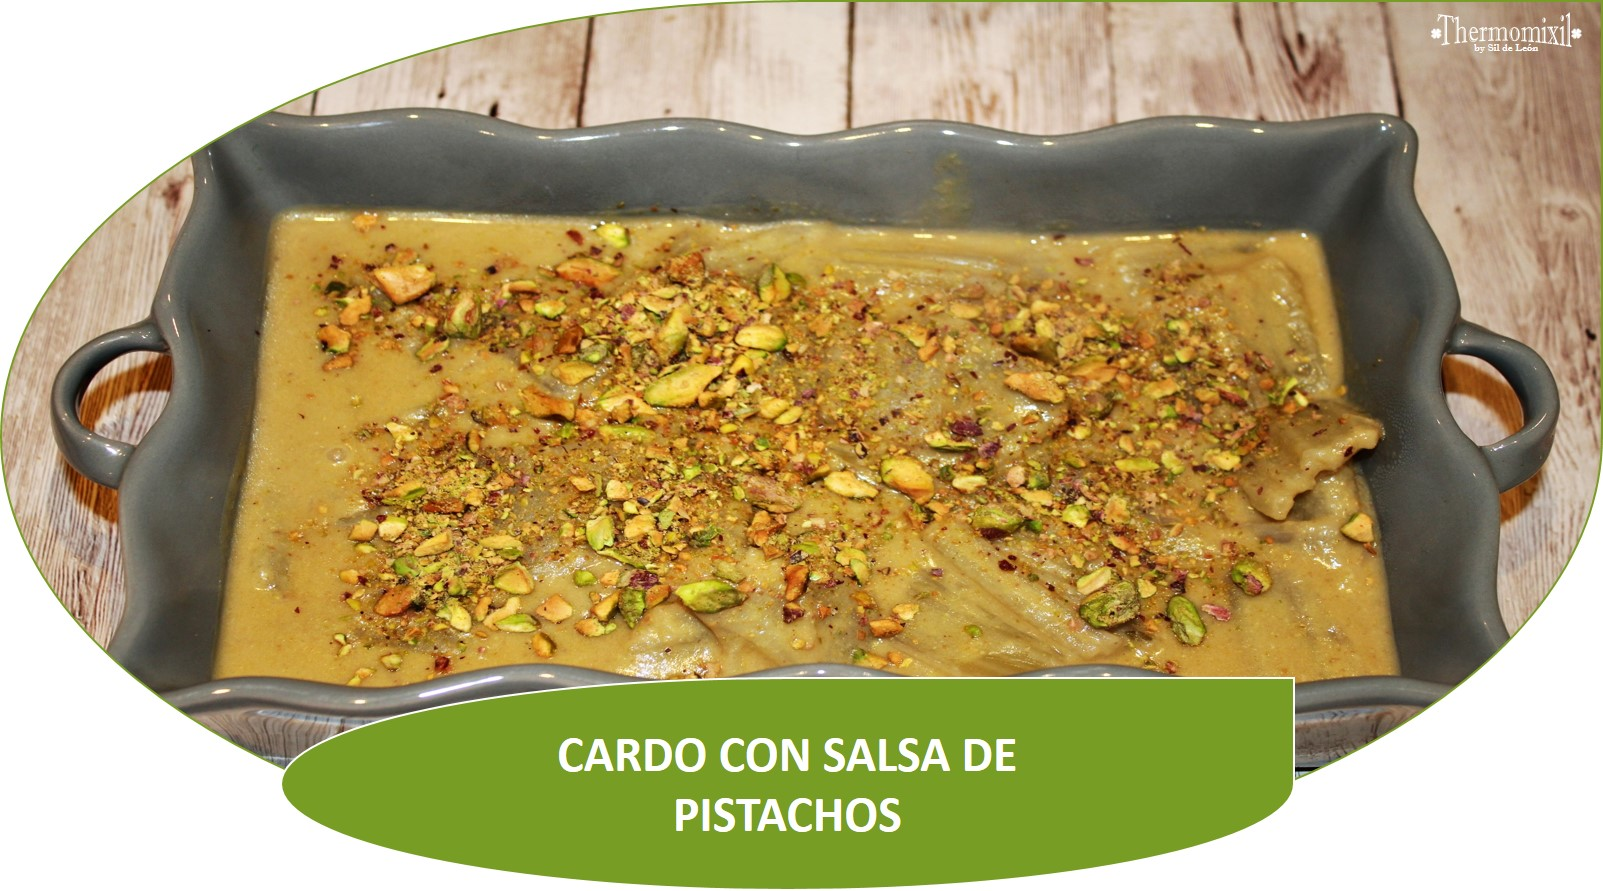 CARDO CON SALSA DE PISTACHOS